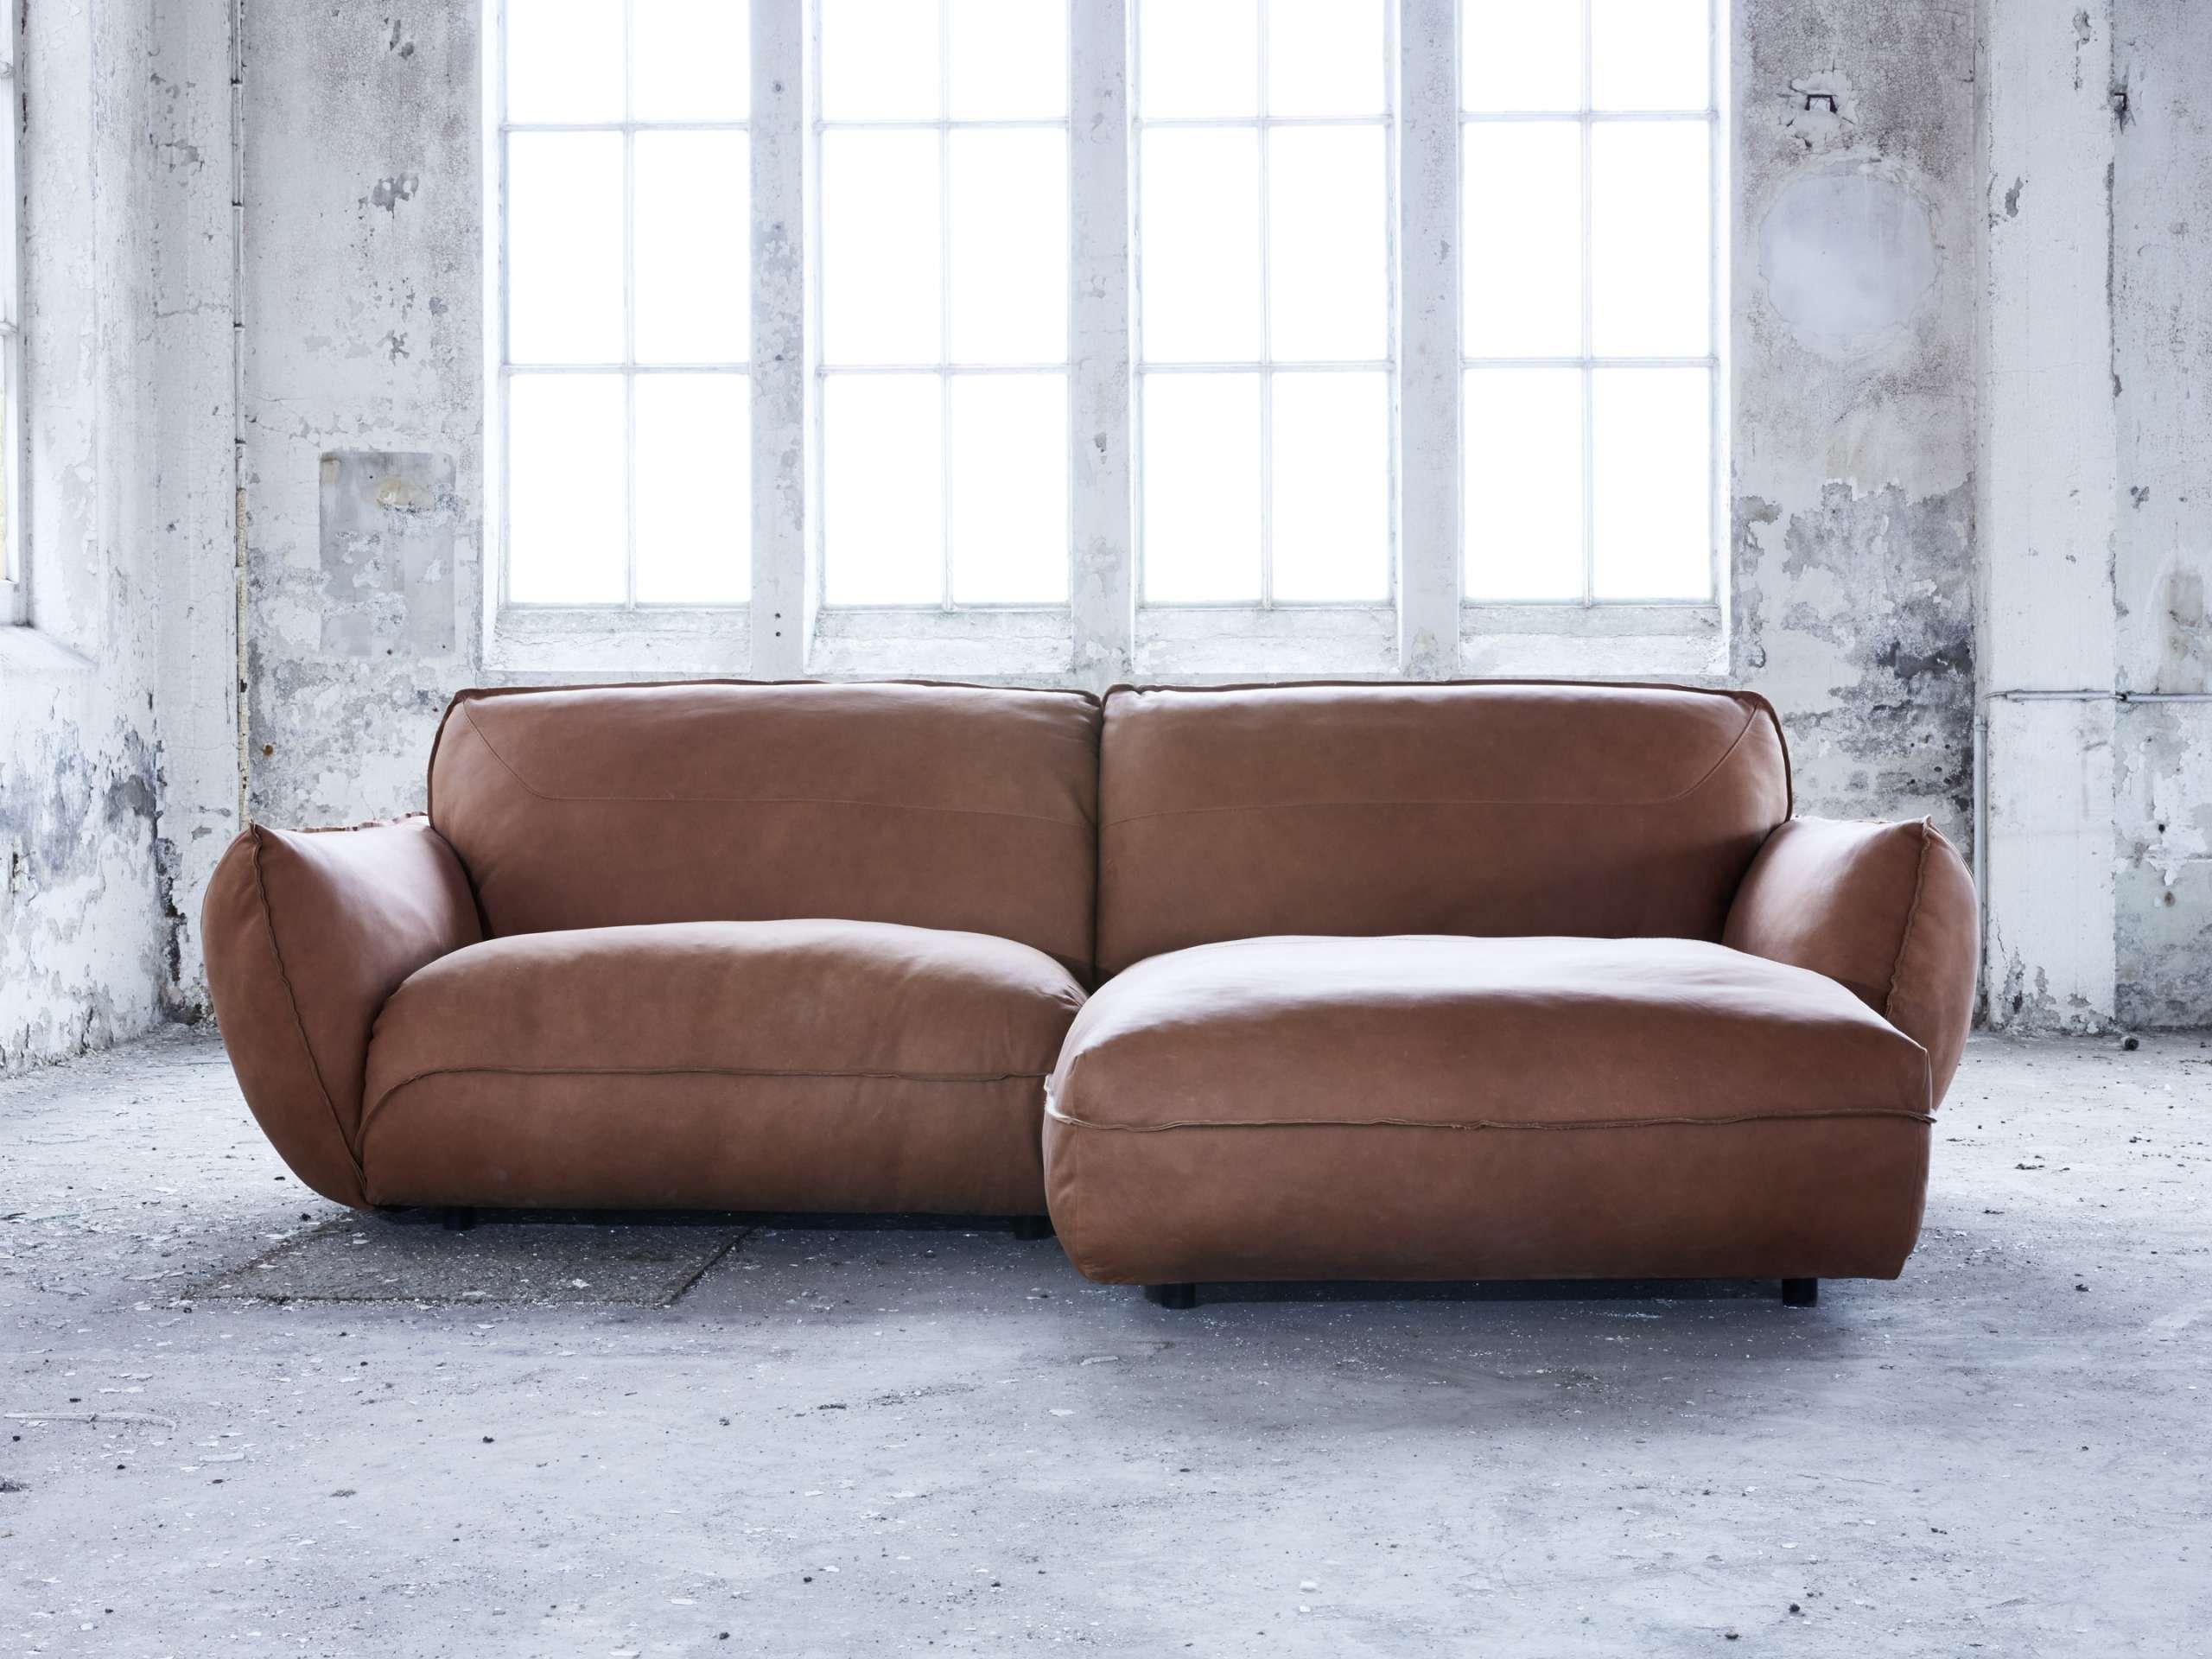 Sofa Mit Bettkasten Und Schlaffunktion Ikea Sofas Angebote Inspirierend 35 Schön Couch Mit Be Sofa Furniture Home Decor